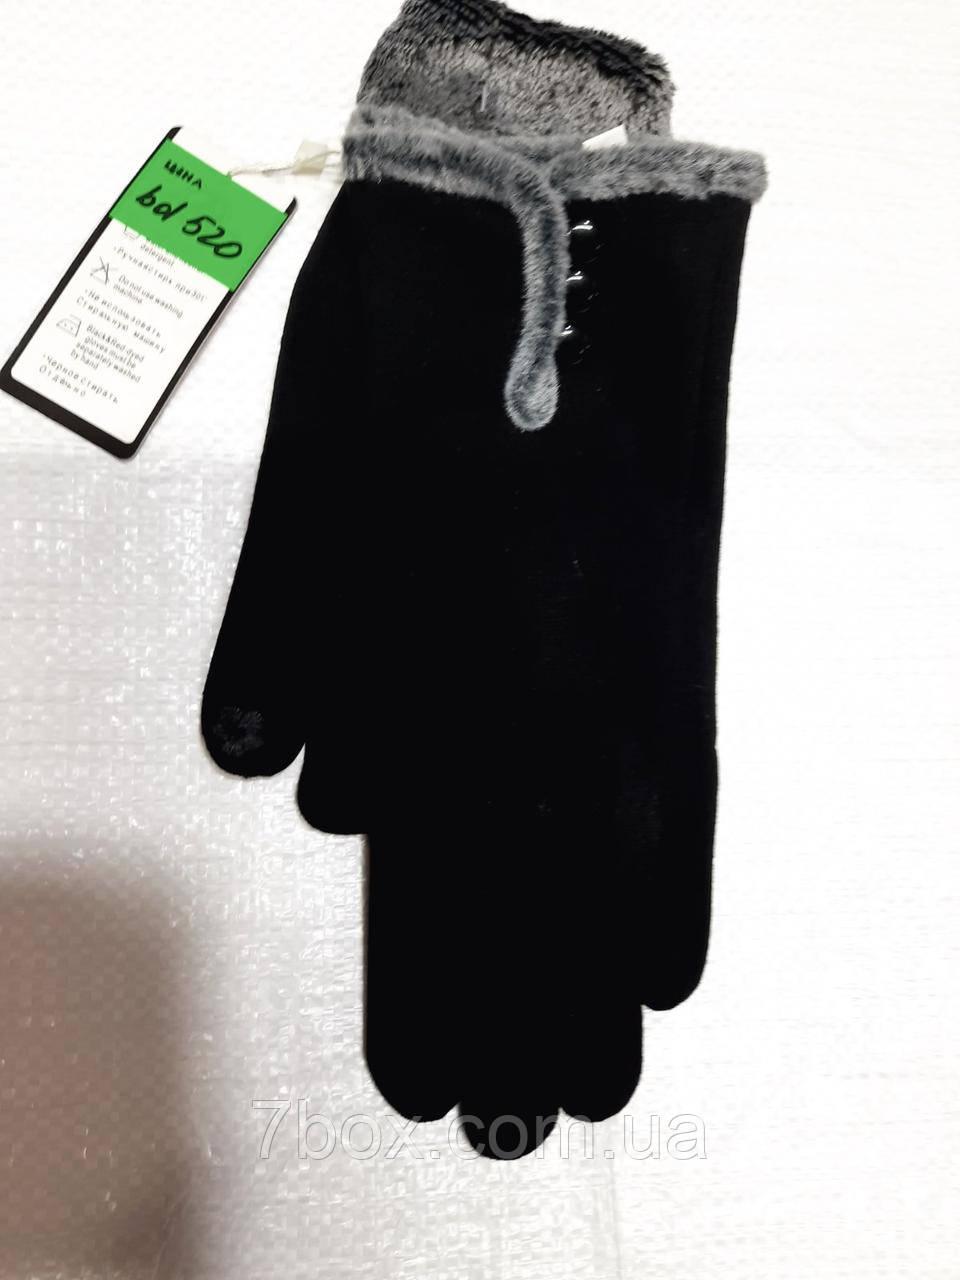 Перчатки женские Трикотаж на махре Оптом 10 шт рр. 6.5-8.5 Черные